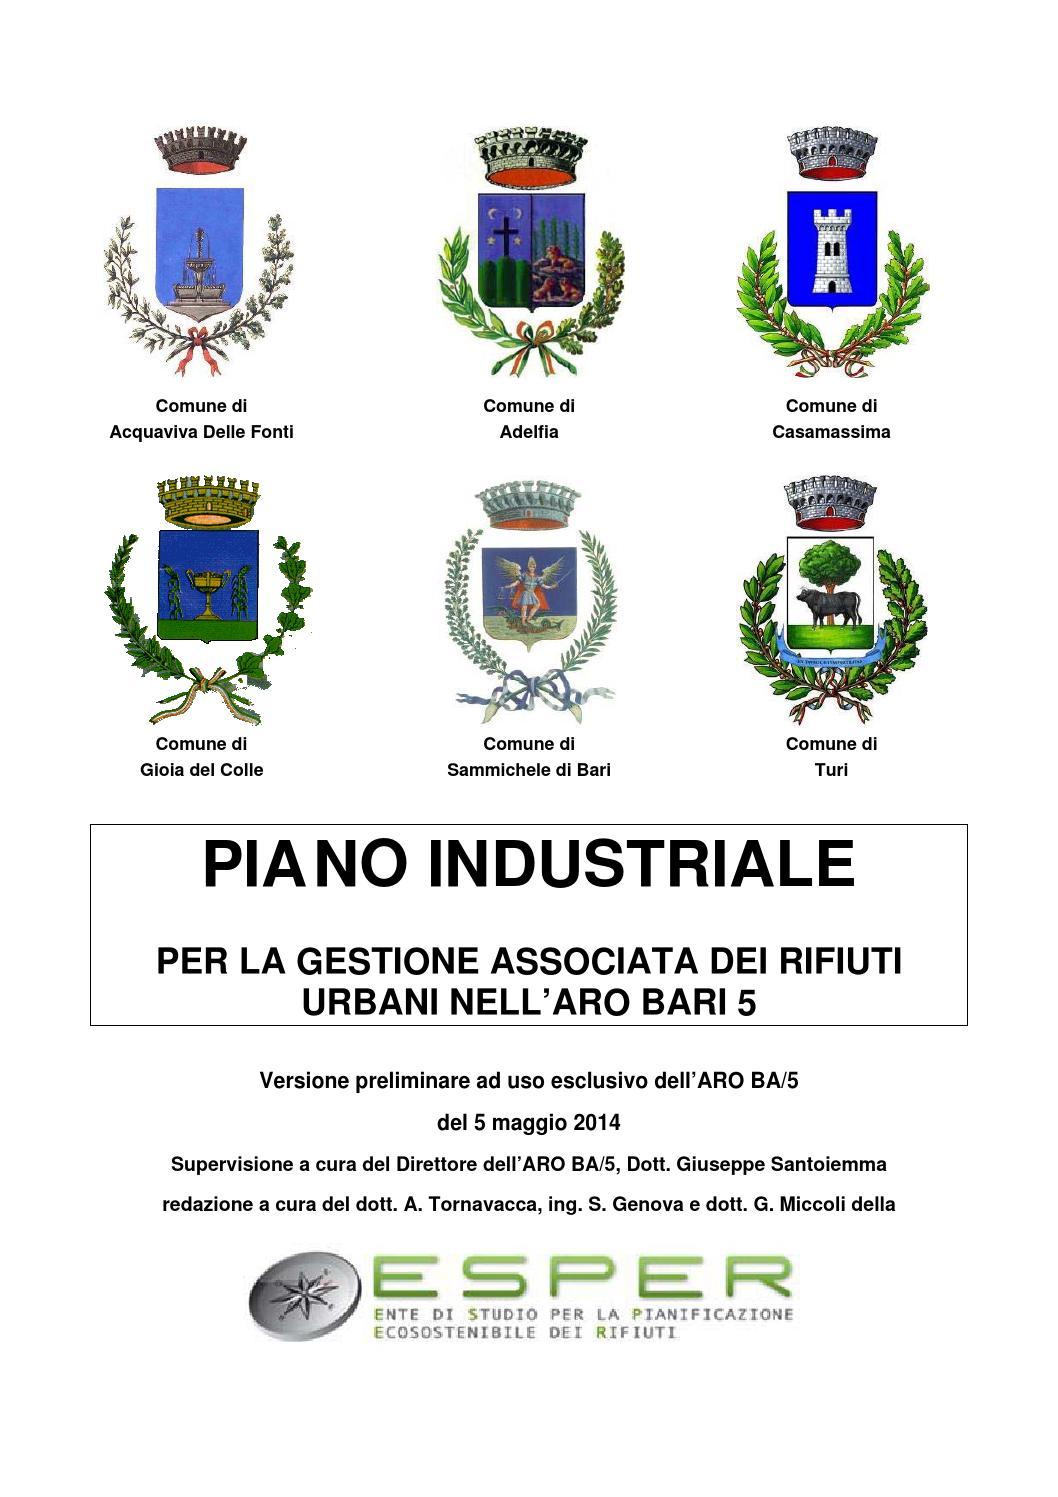 Raccolta Rifiuti Ingombranti Roma Calendario 2020 Municipi Dispari.Piano Industriale Aro Ba5 Revisione 5 5 2014 By Pd